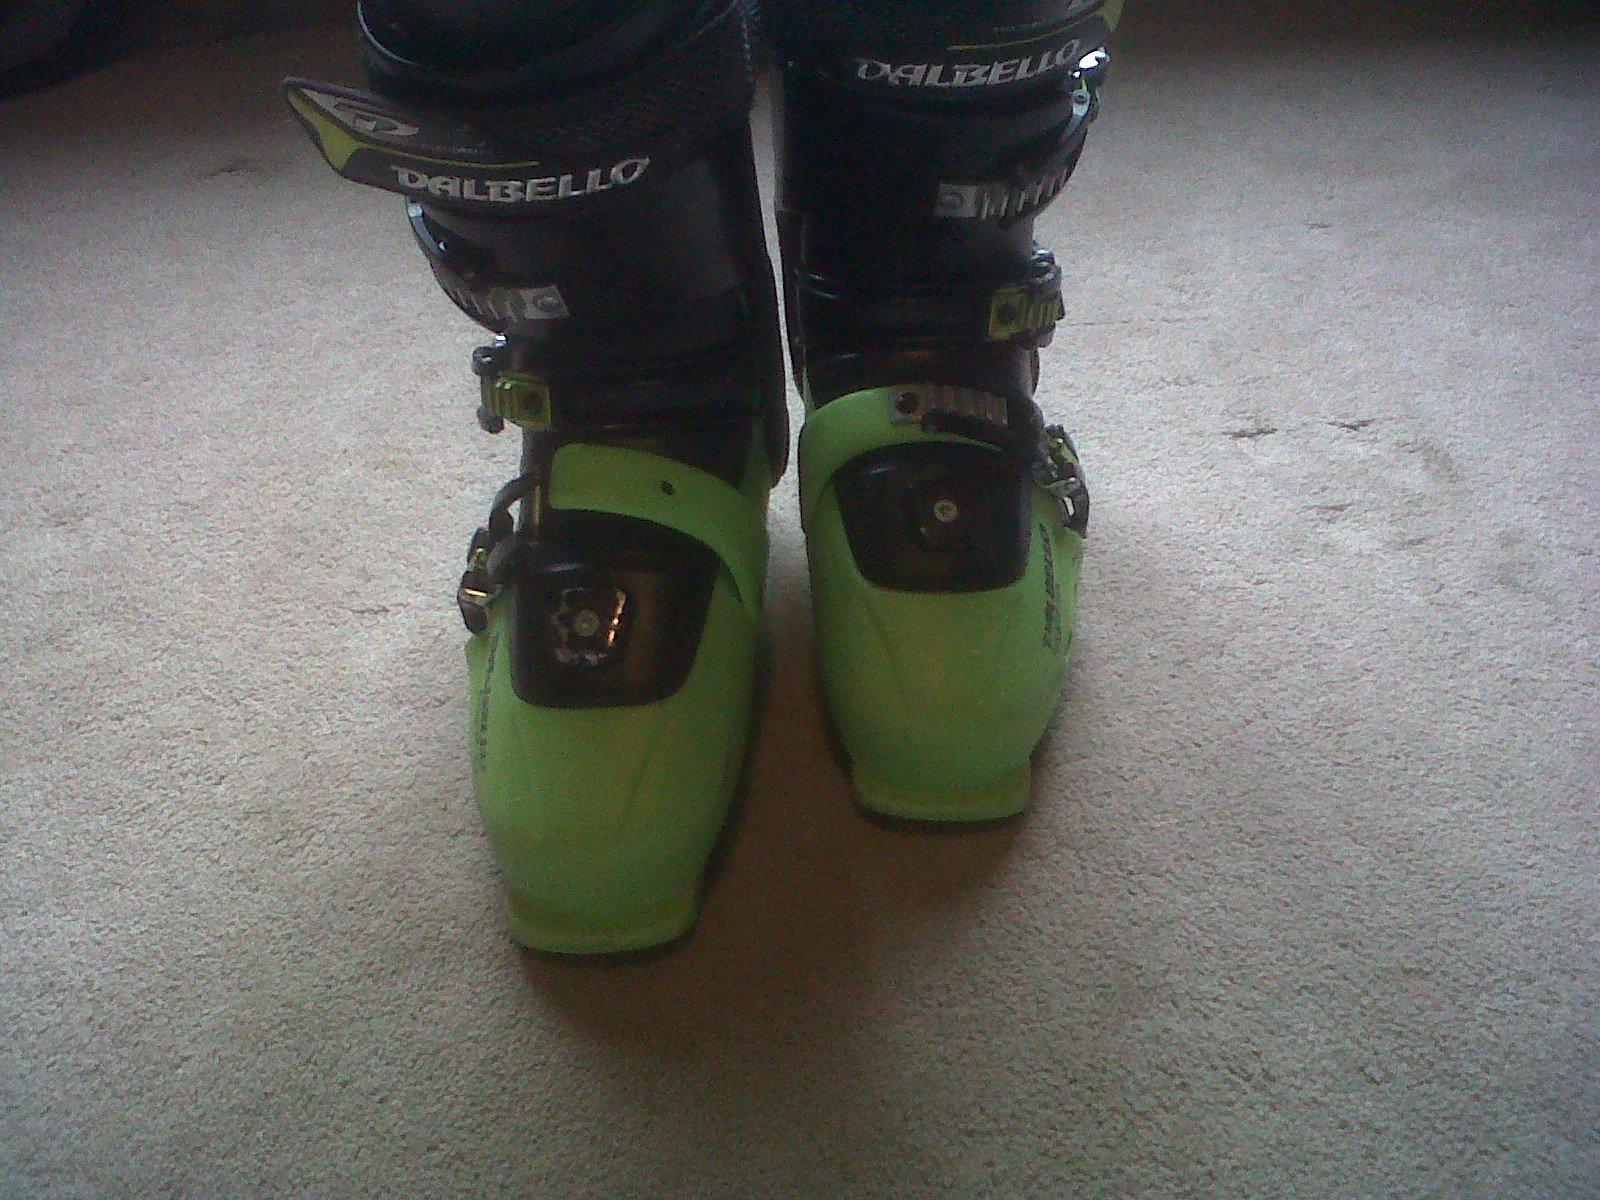 Dalbello boots for sale, check thread